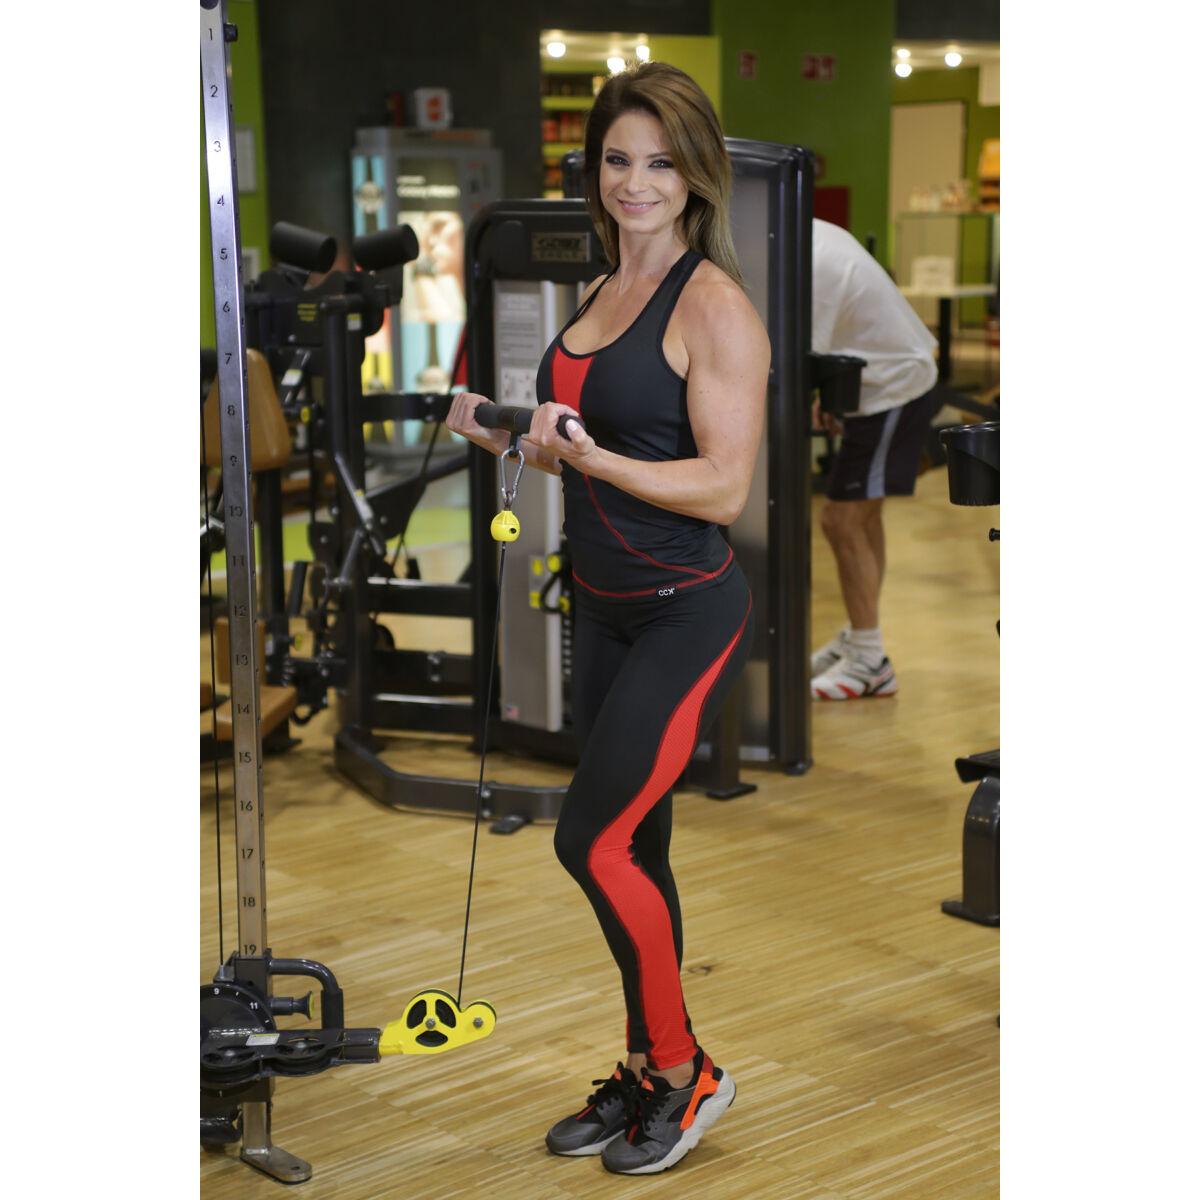 Női tüllbetétes láng fitness szett, piros